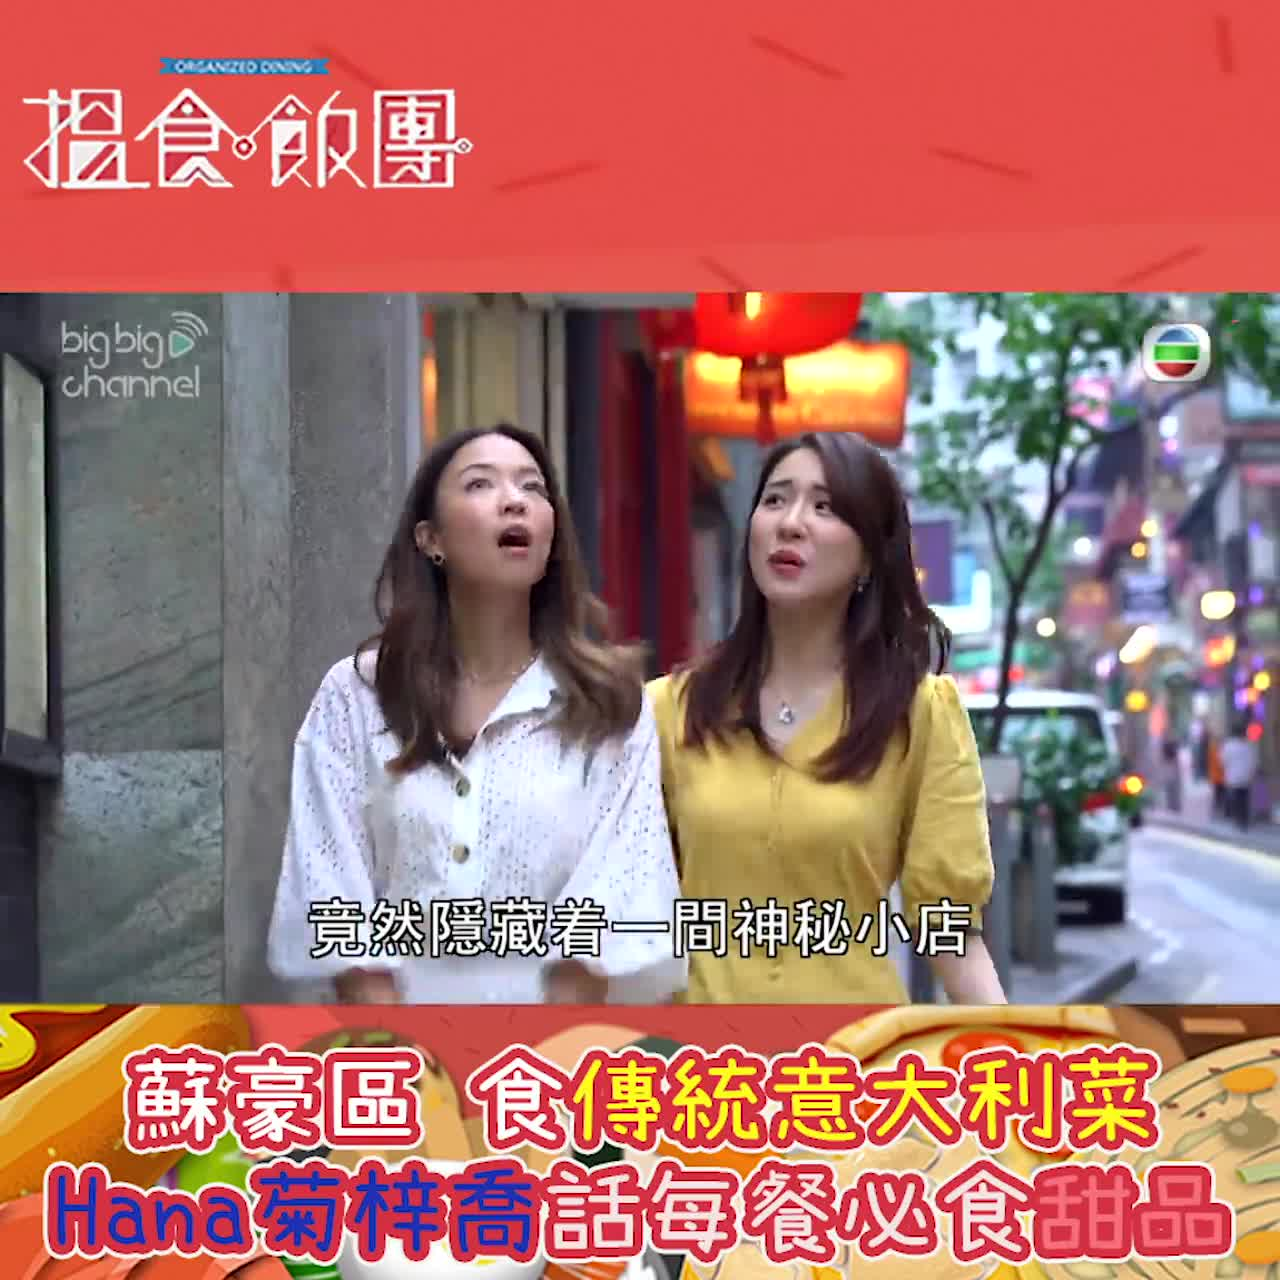 蘇豪區 食傳統意大利菜 Hana菊梓喬話每餐必食甜品